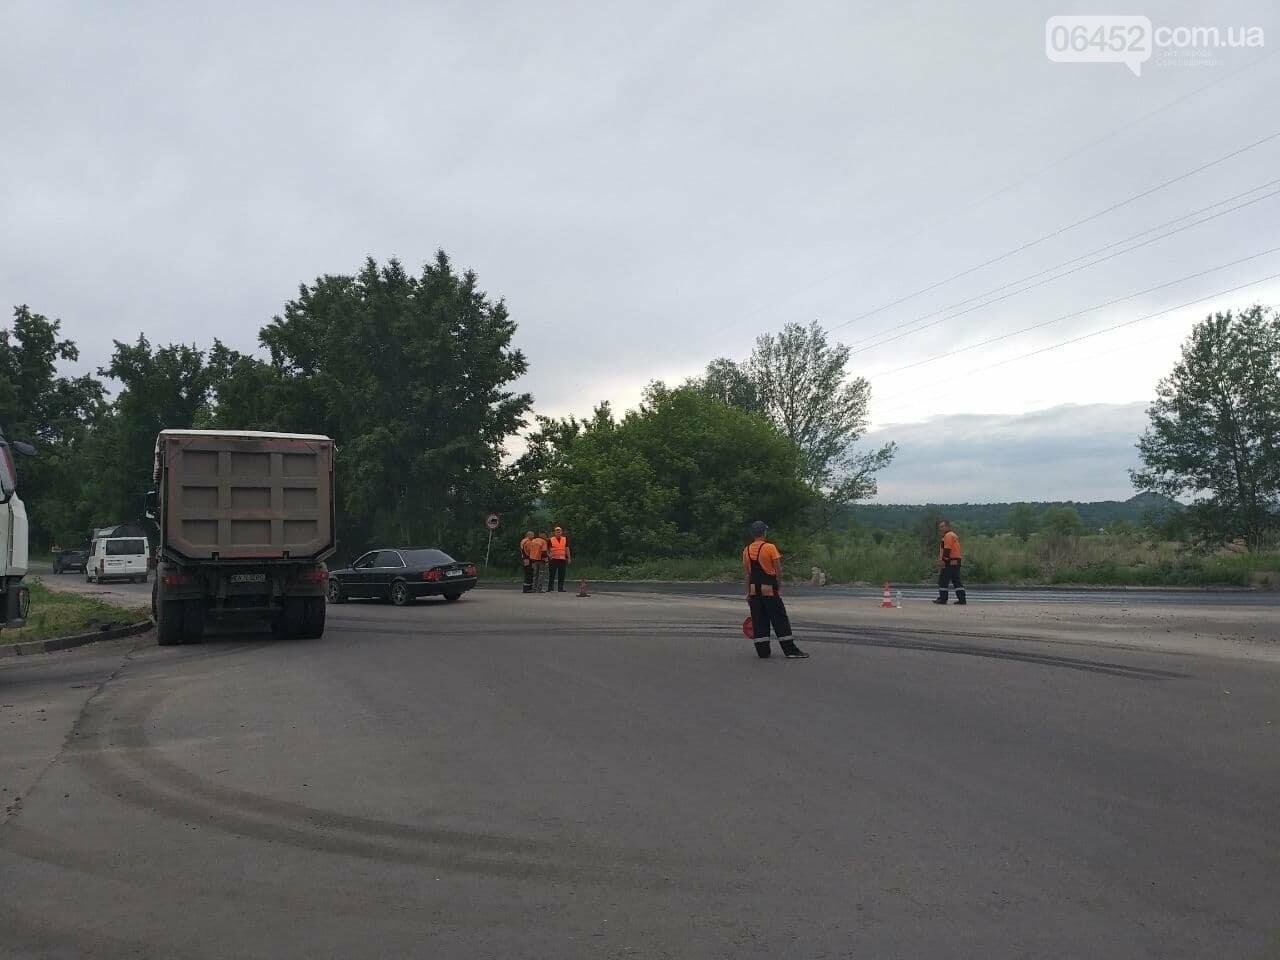 Ограничено движение троллейбусов и перекрыт пойменный мост: в Северодонецке ремонтируют дорогу, фото-3